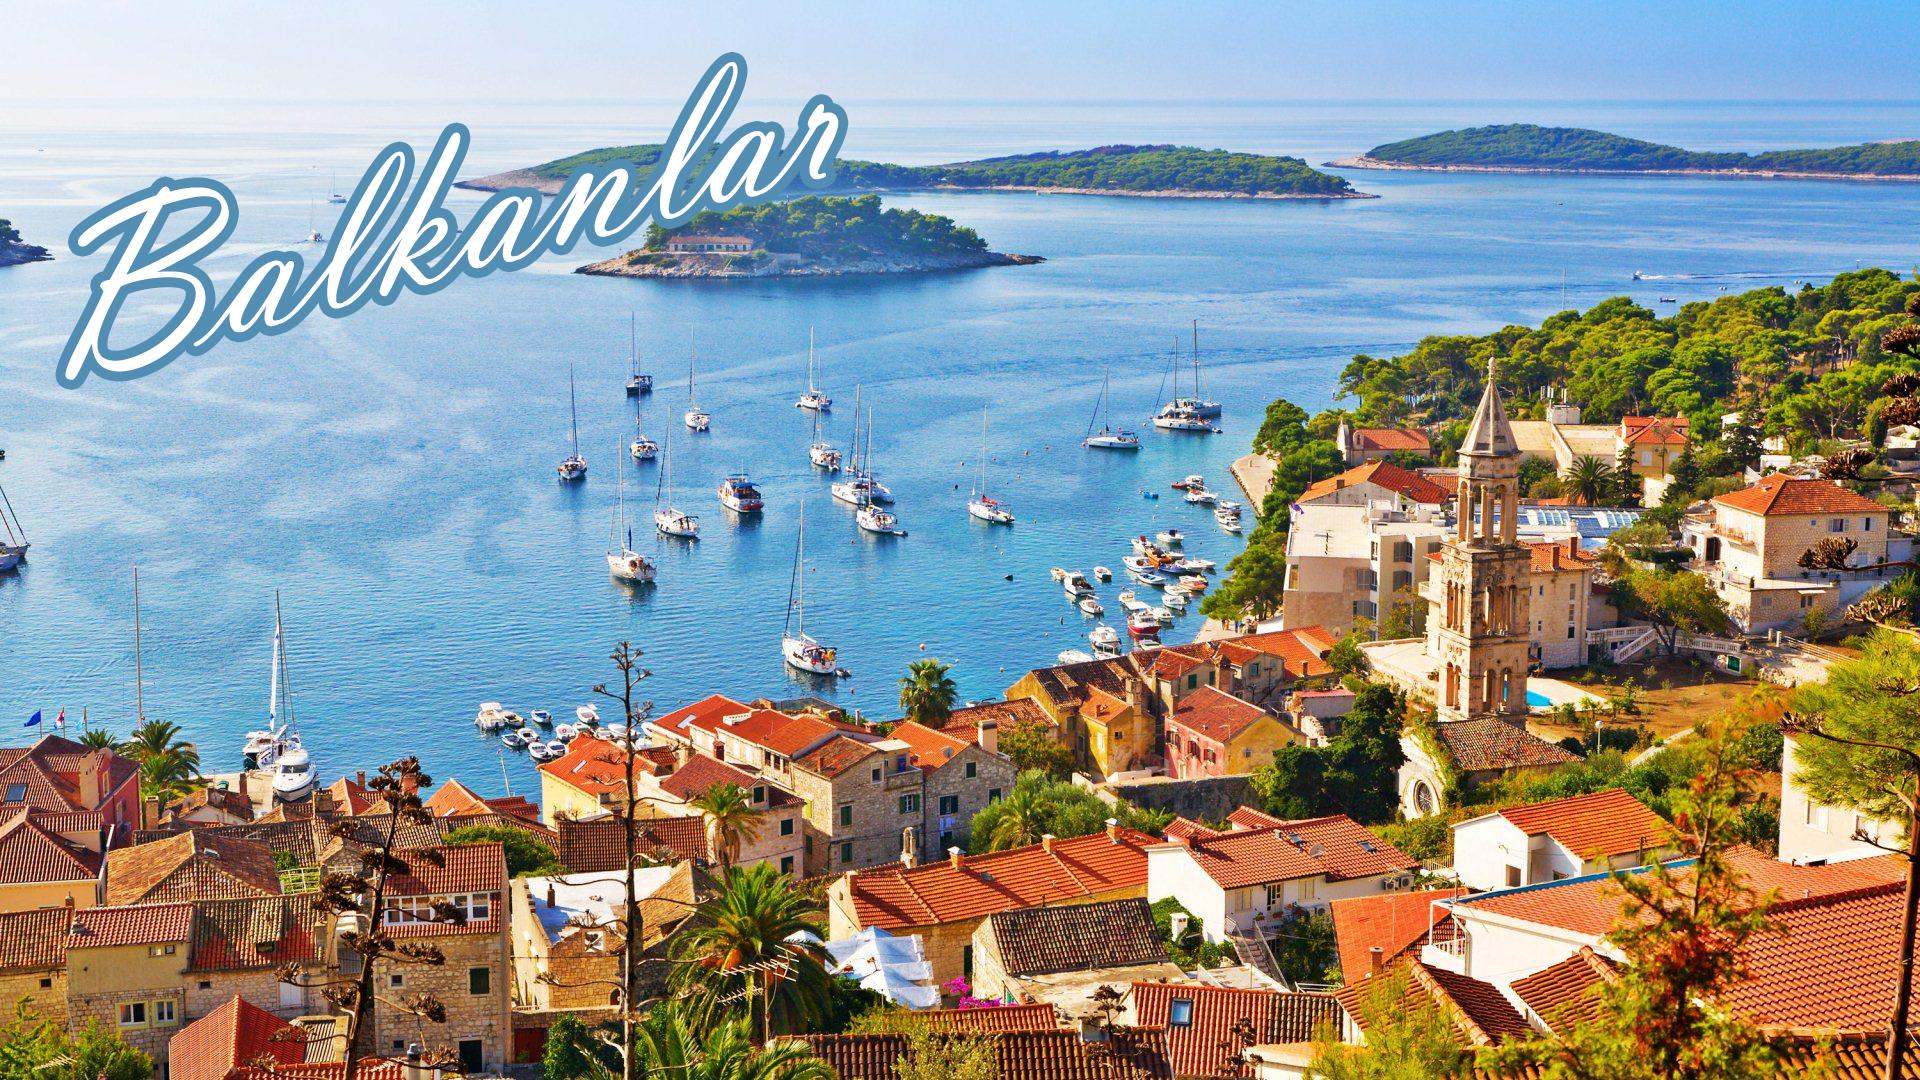 Otobüs İle Baştan Başa Balkan Turu (Selanik Başlar)